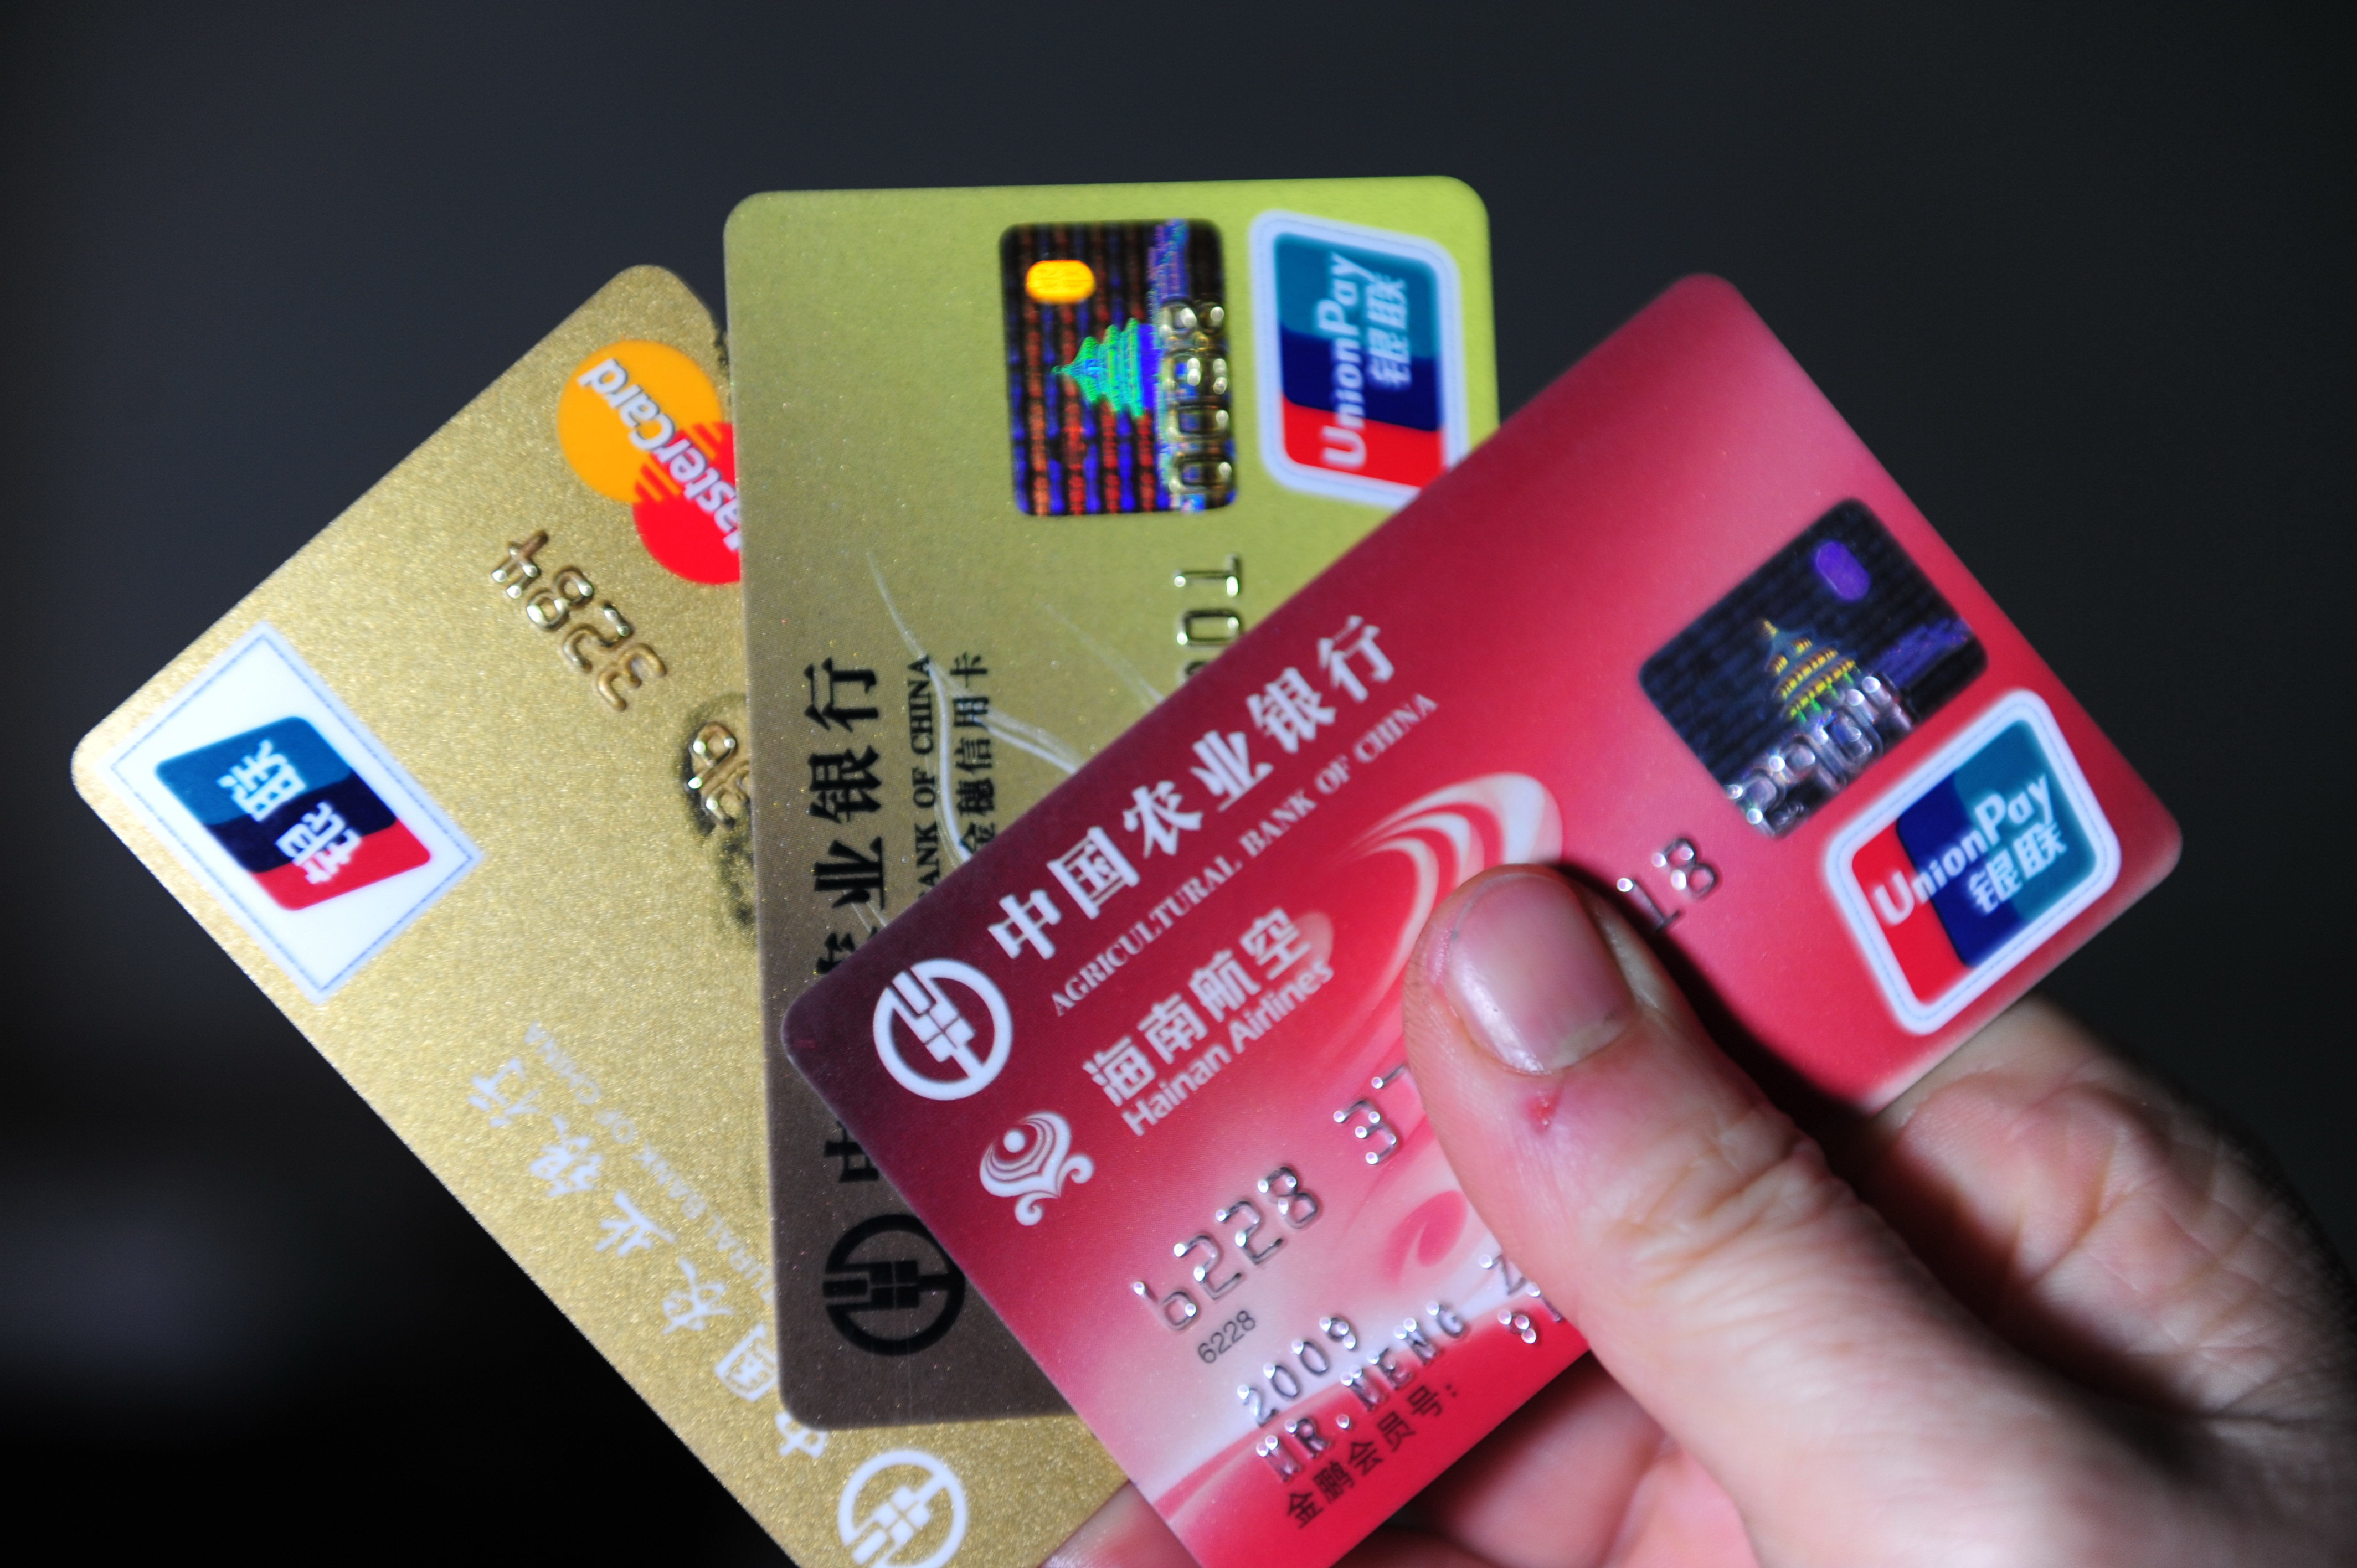 這張信用卡,初始額度20—30萬,已經有人拿到卡了!